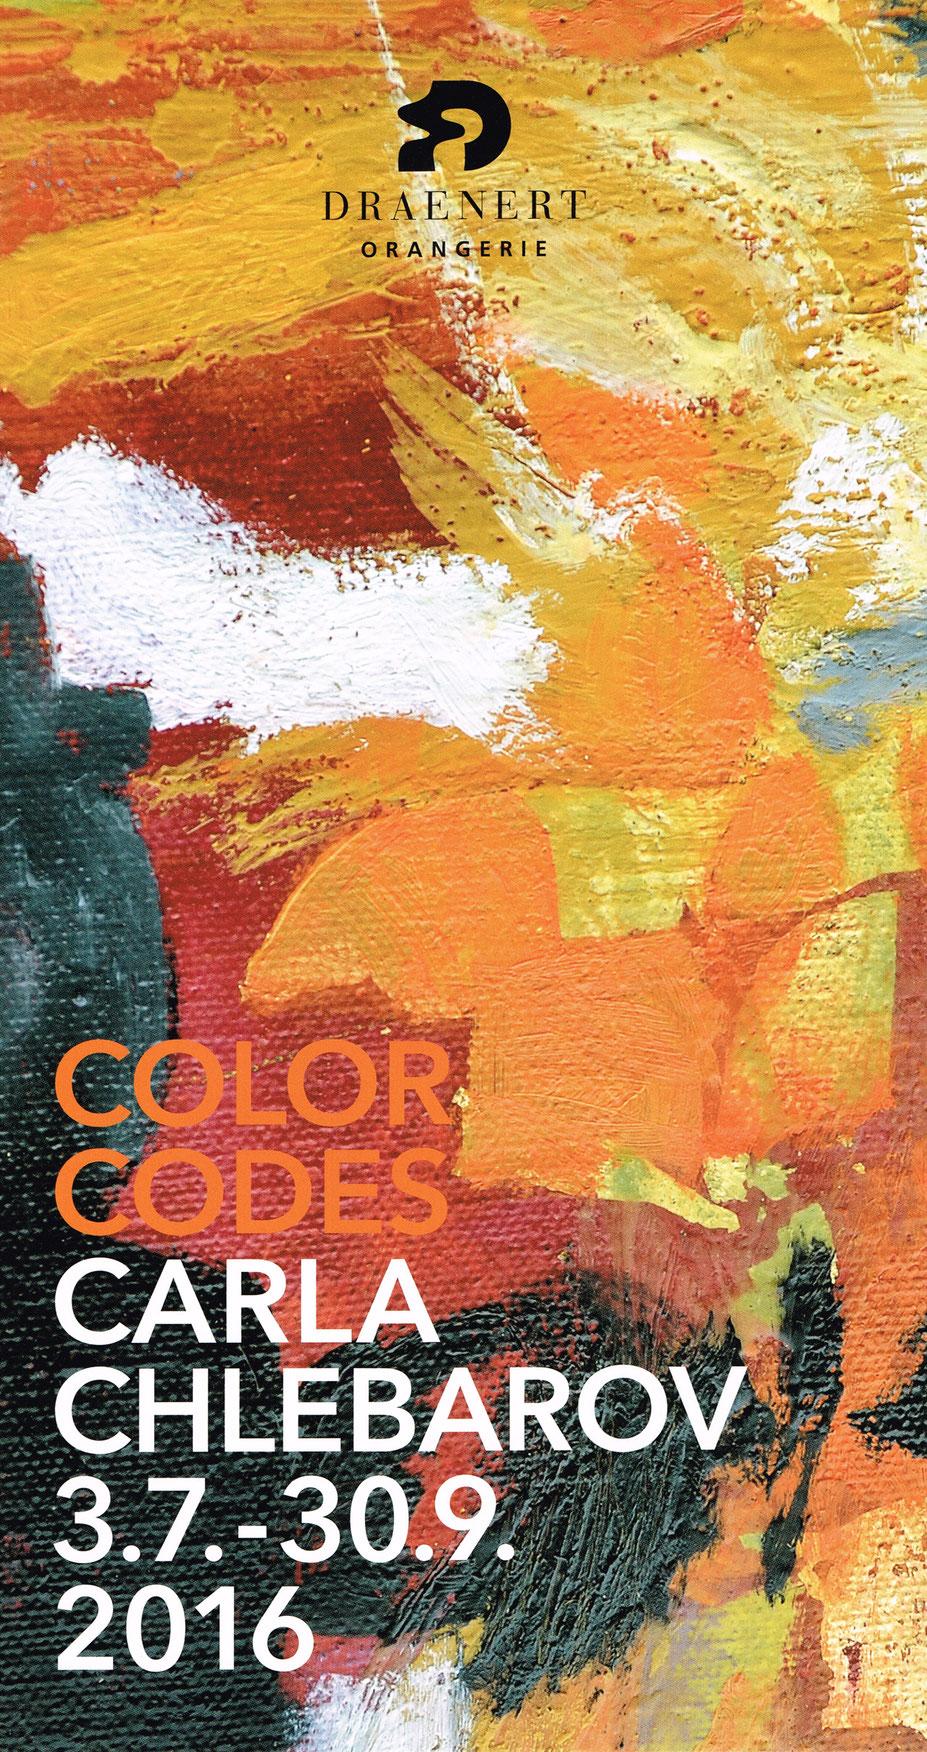 Carla Chlebarov - Color Codes Draenert Orangerie 2016